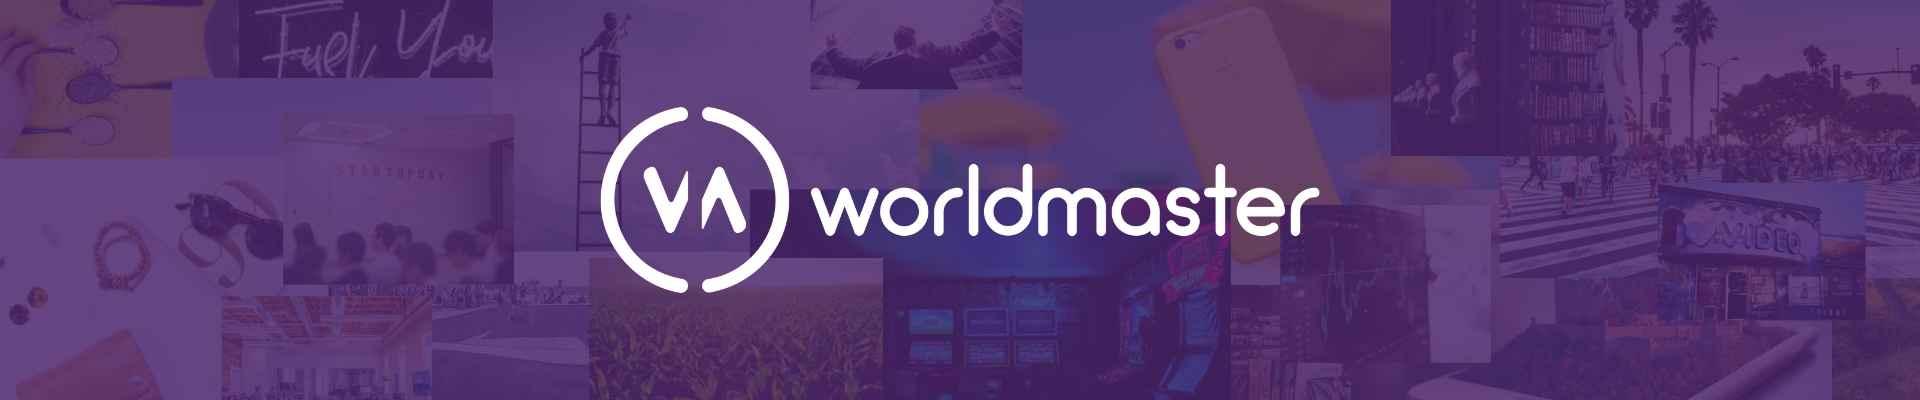 zdjęcie wyróżniające dla kanału Worldmaster WorldMaster